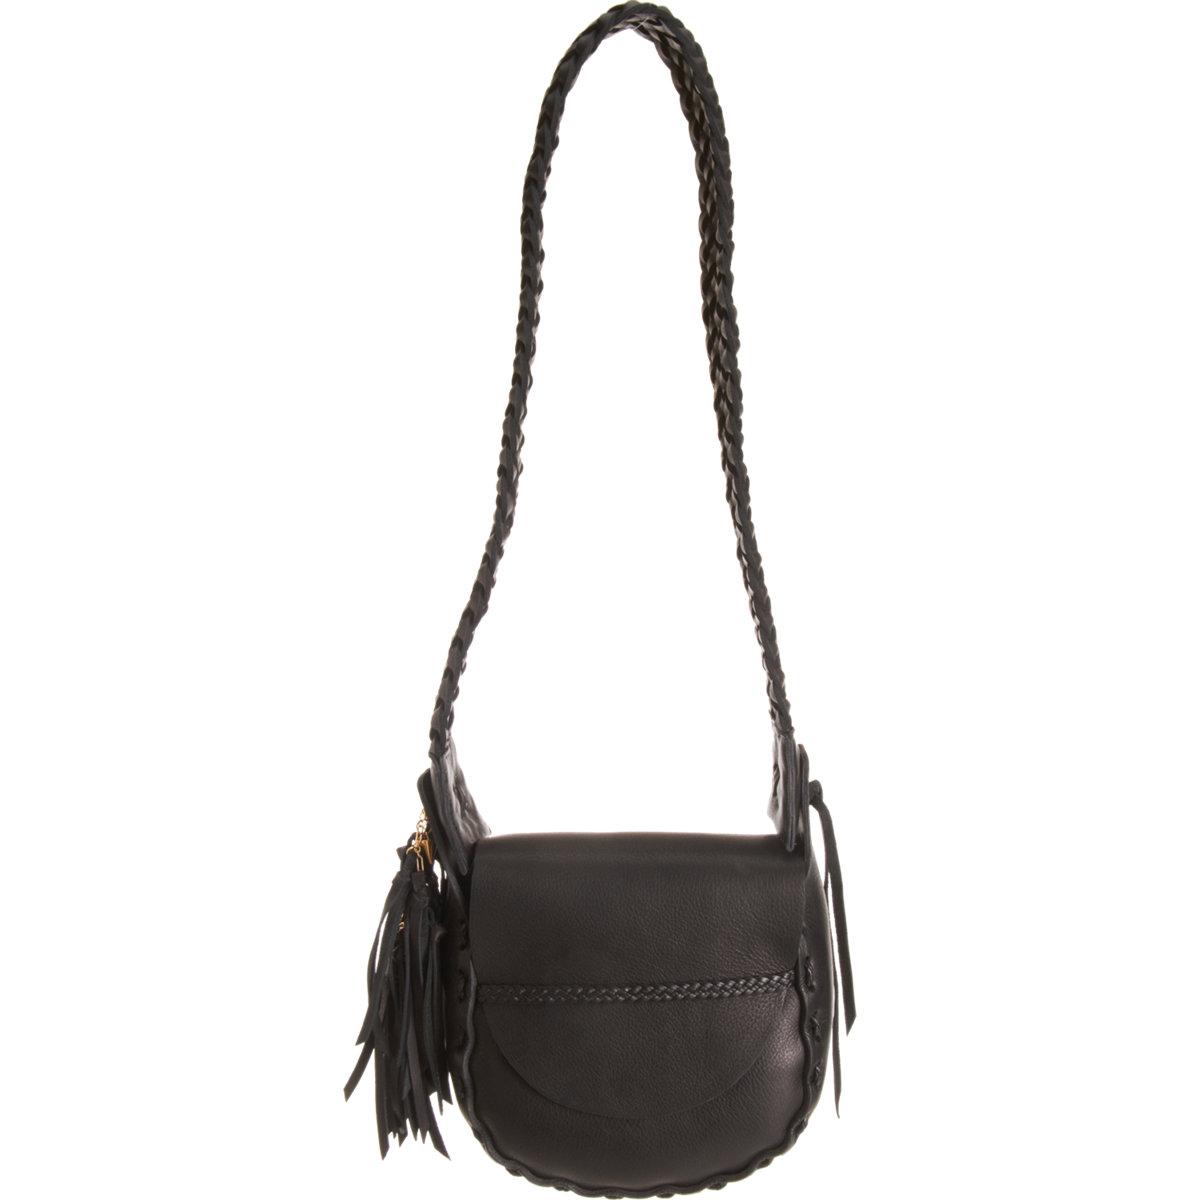 Wendy nichol Small Satchel Bag in Black | Lyst